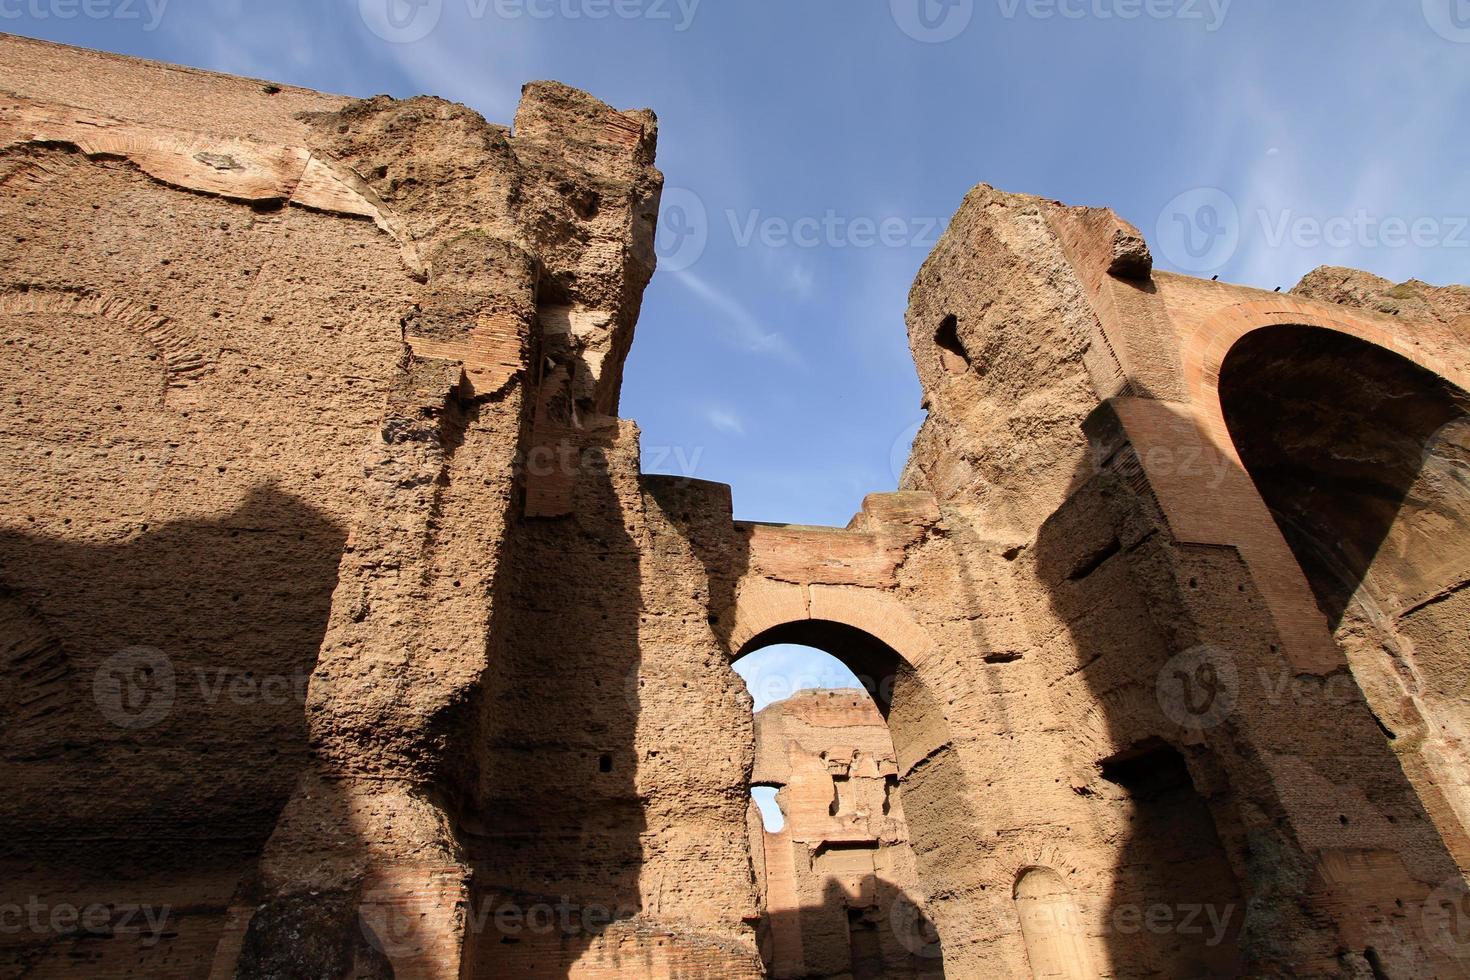 terme di caracalla (caracallabad) i Rom, Italien foto